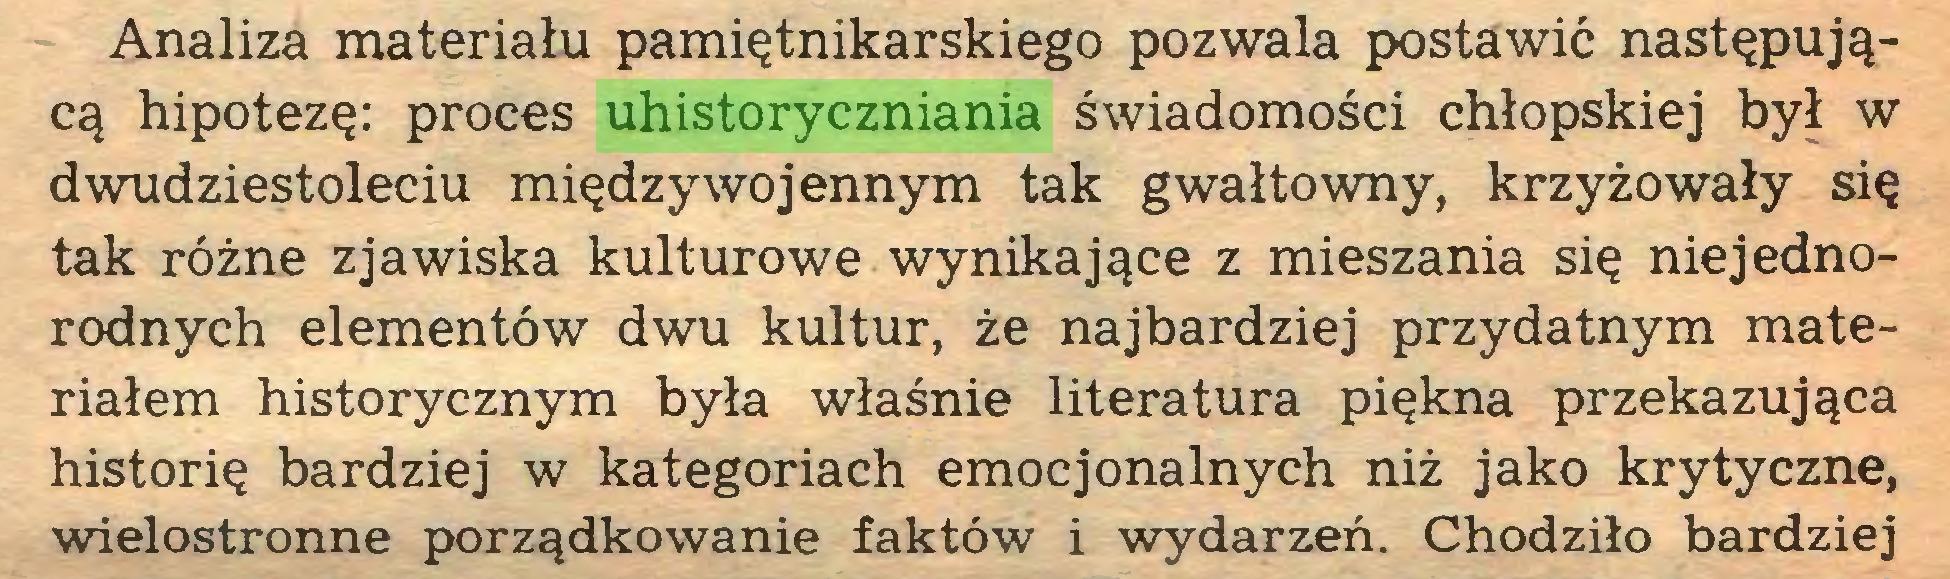 (...) Analiza materiału pamiętnikarskiego pozwala postawić następującą hipotezę: proces uhistoryczniania świadomości chłopskiej był w dwudziestoleciu międzywojennym tak gwałtowny, krzyżowały się tak różne zjawiska kulturowe wynikające z mieszania się niejednorodnych elementów dwu kultur, że najbardziej przydatnym materiałem historycznym była właśnie literatura piękna przekazująca historię bardziej w kategoriach emocjonalnych niż jako krytyczne, wielostronne porządkowanie faktów i wydarzeń. Chodziło bardziej...